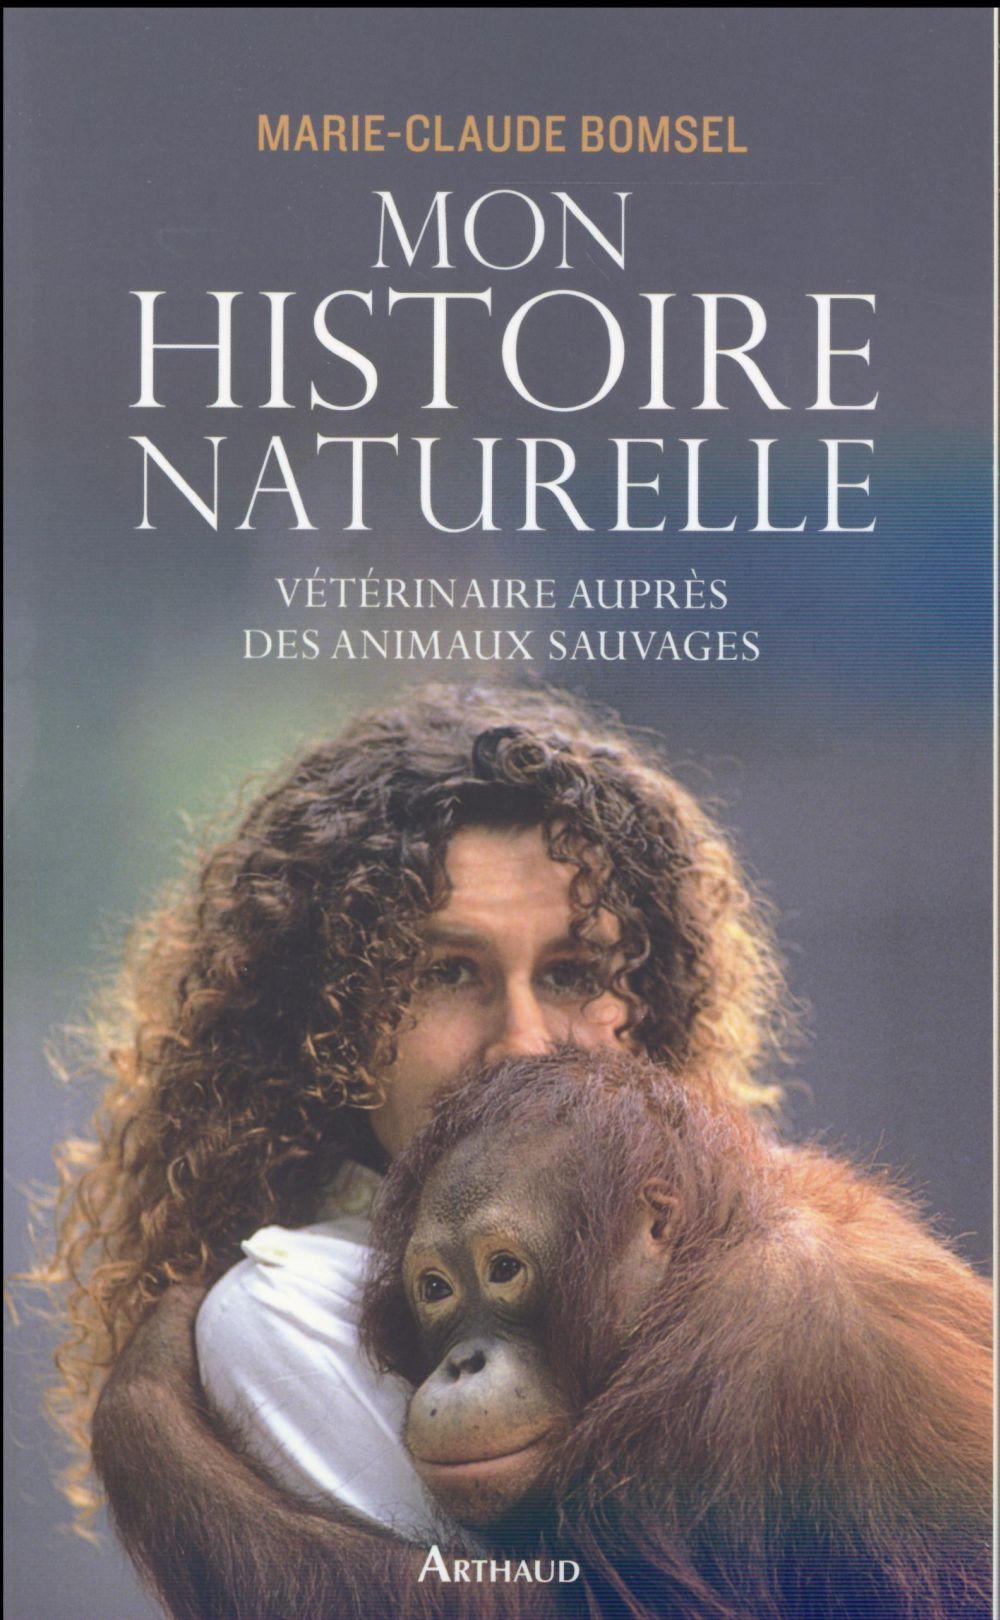 mon histoire naturelle ; vétérinaire auprès des animaux sauvages